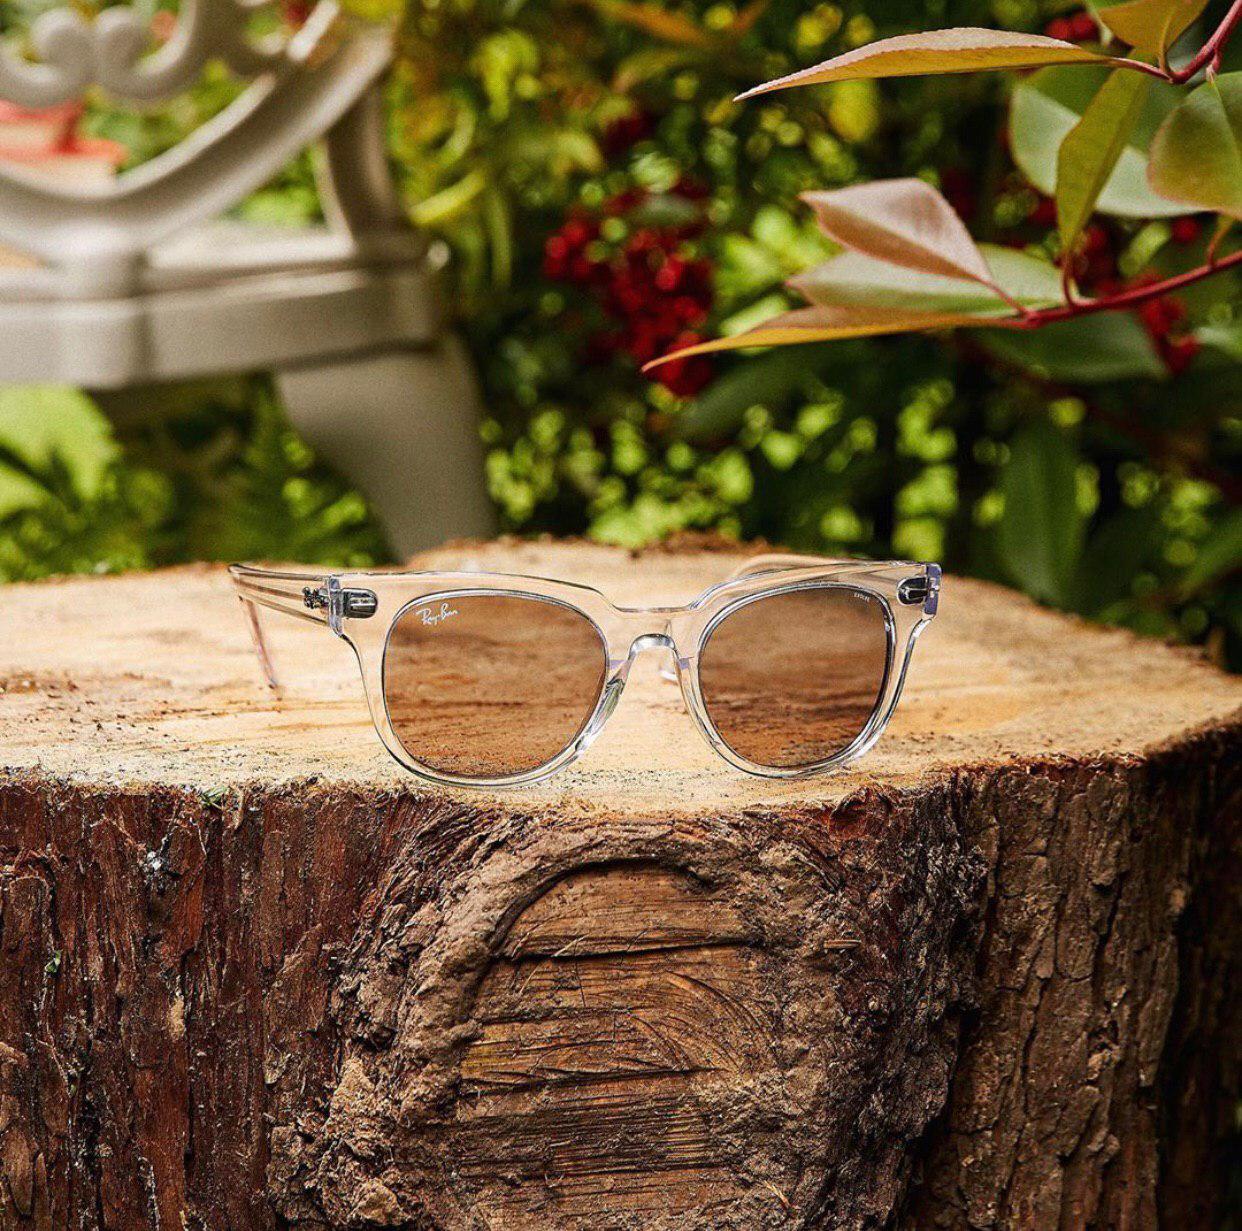 برخی از برندهای محبوب عینک آفتابی را بشناسیم